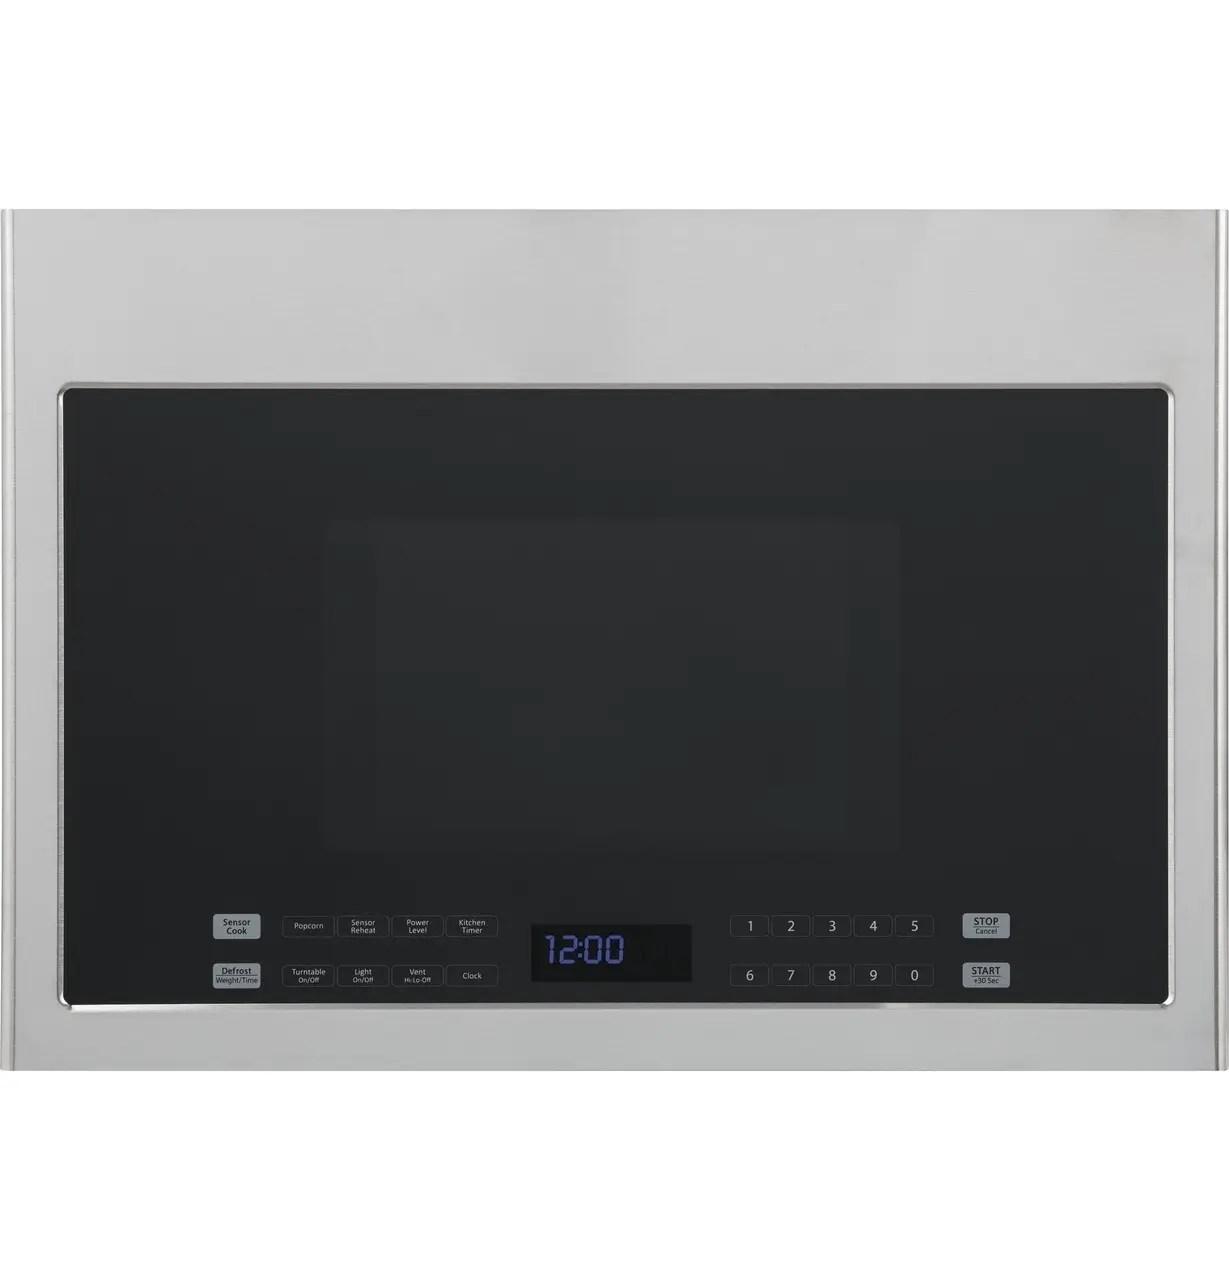 hmv1472bhs haier appliance 24 1 4 cu